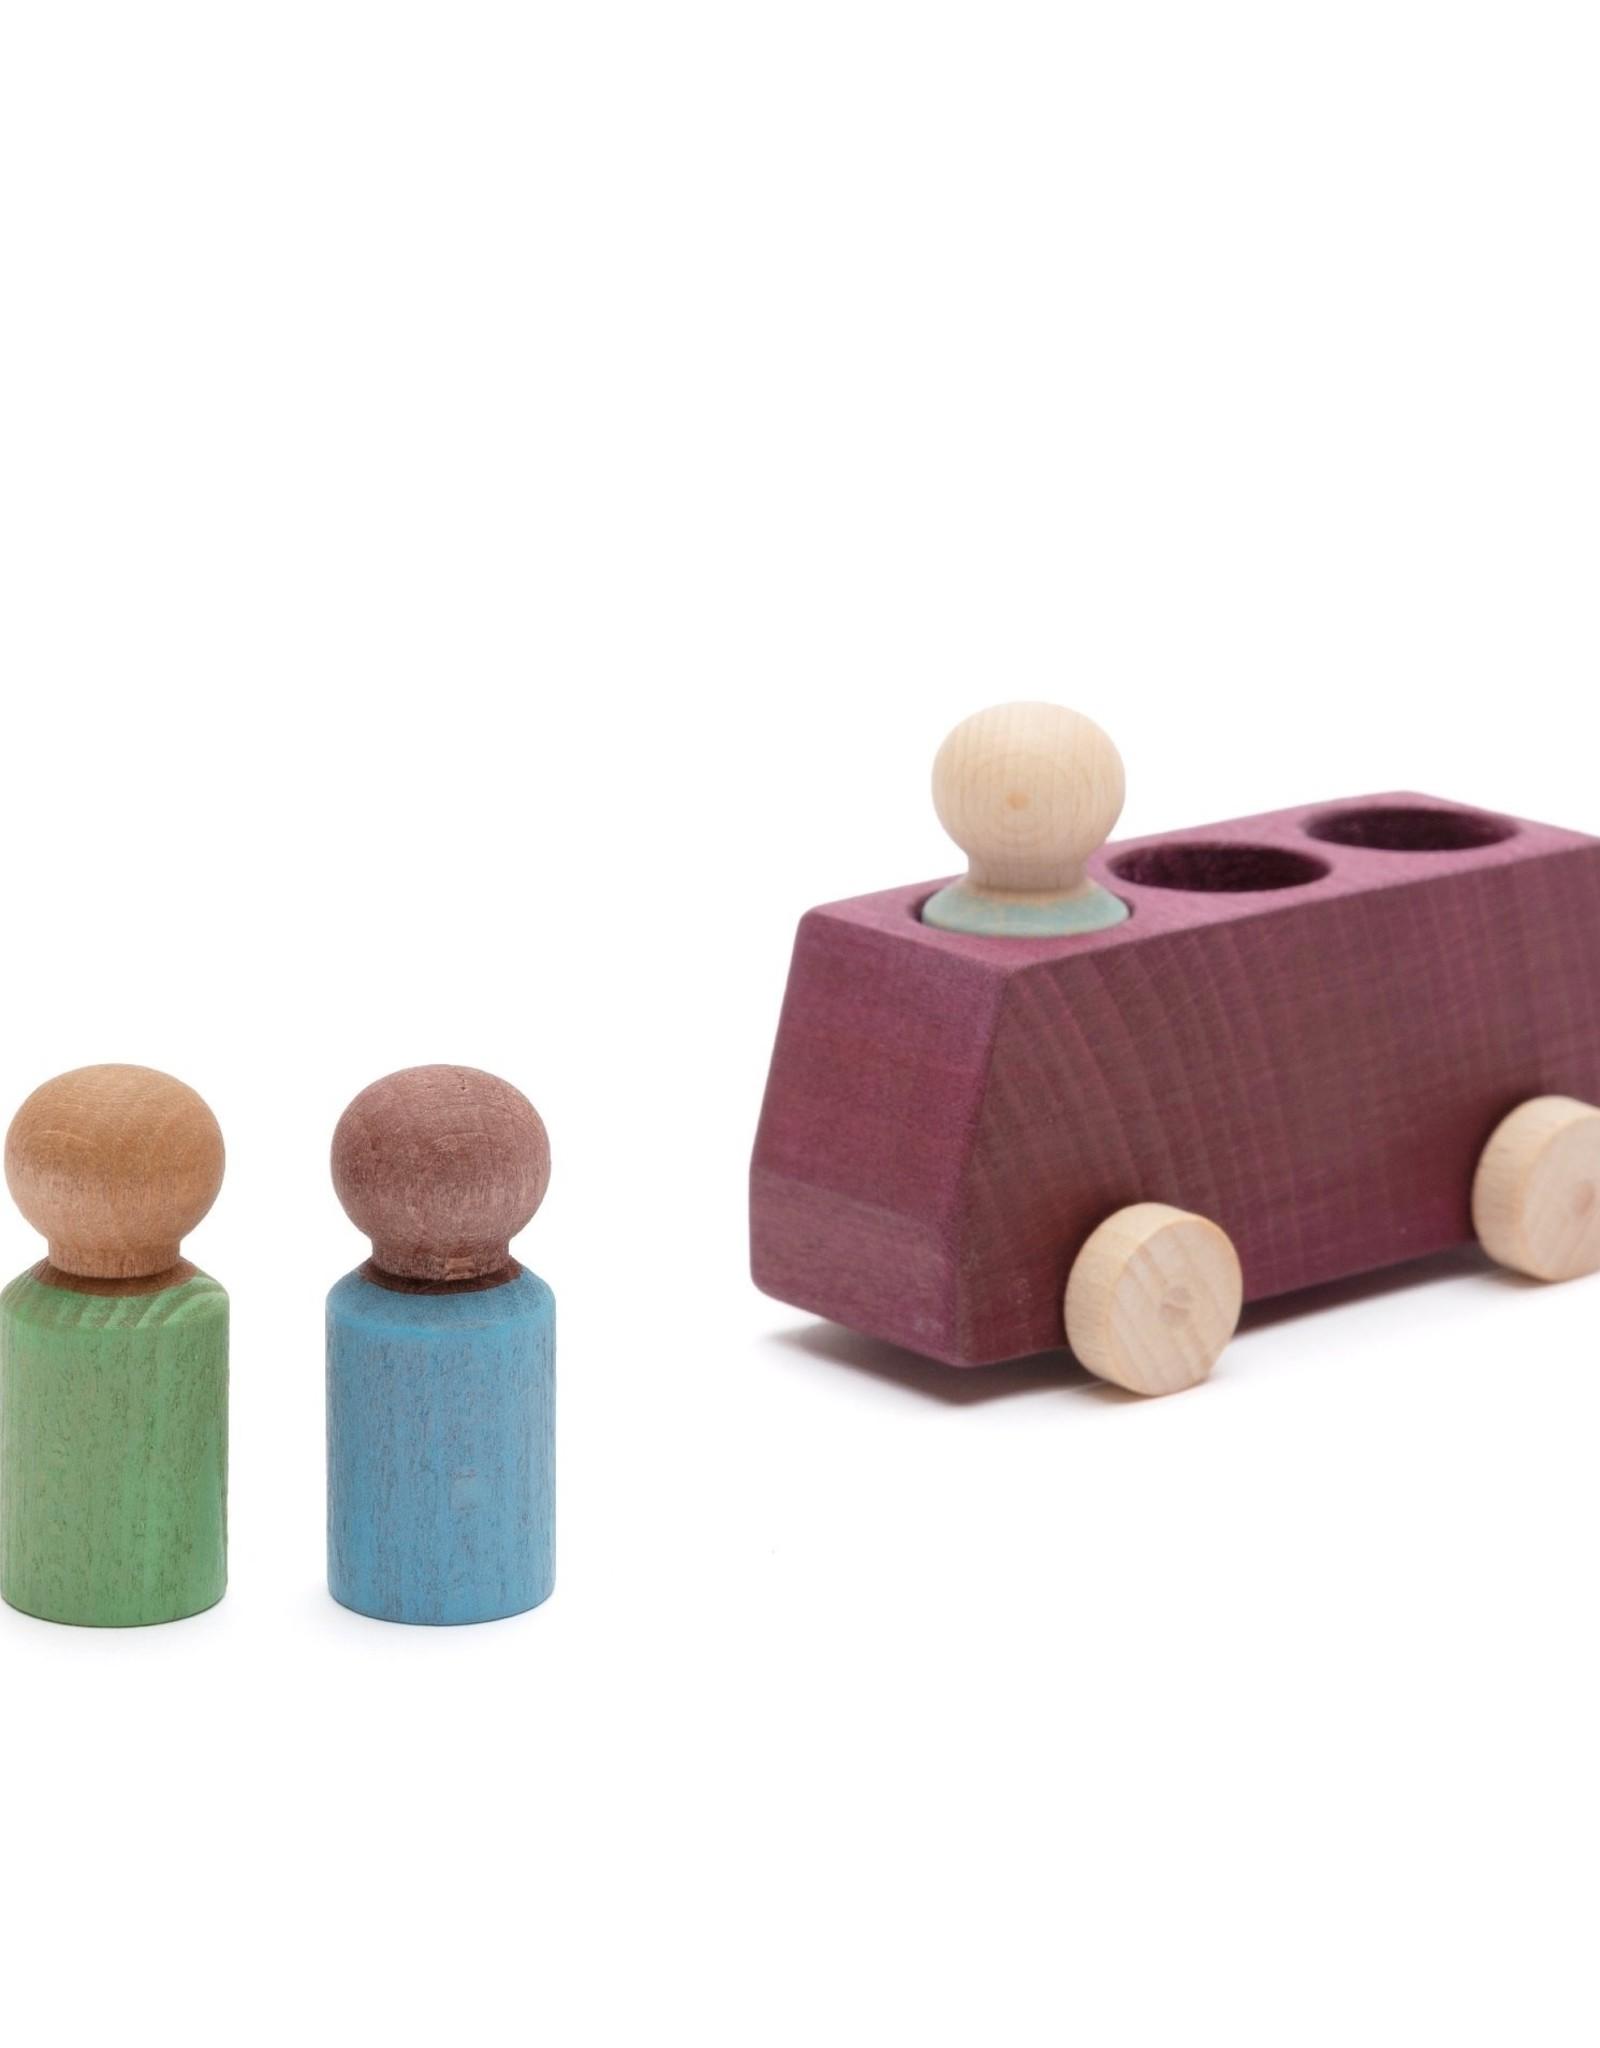 Lubulona  Plum Bus with 3 figures